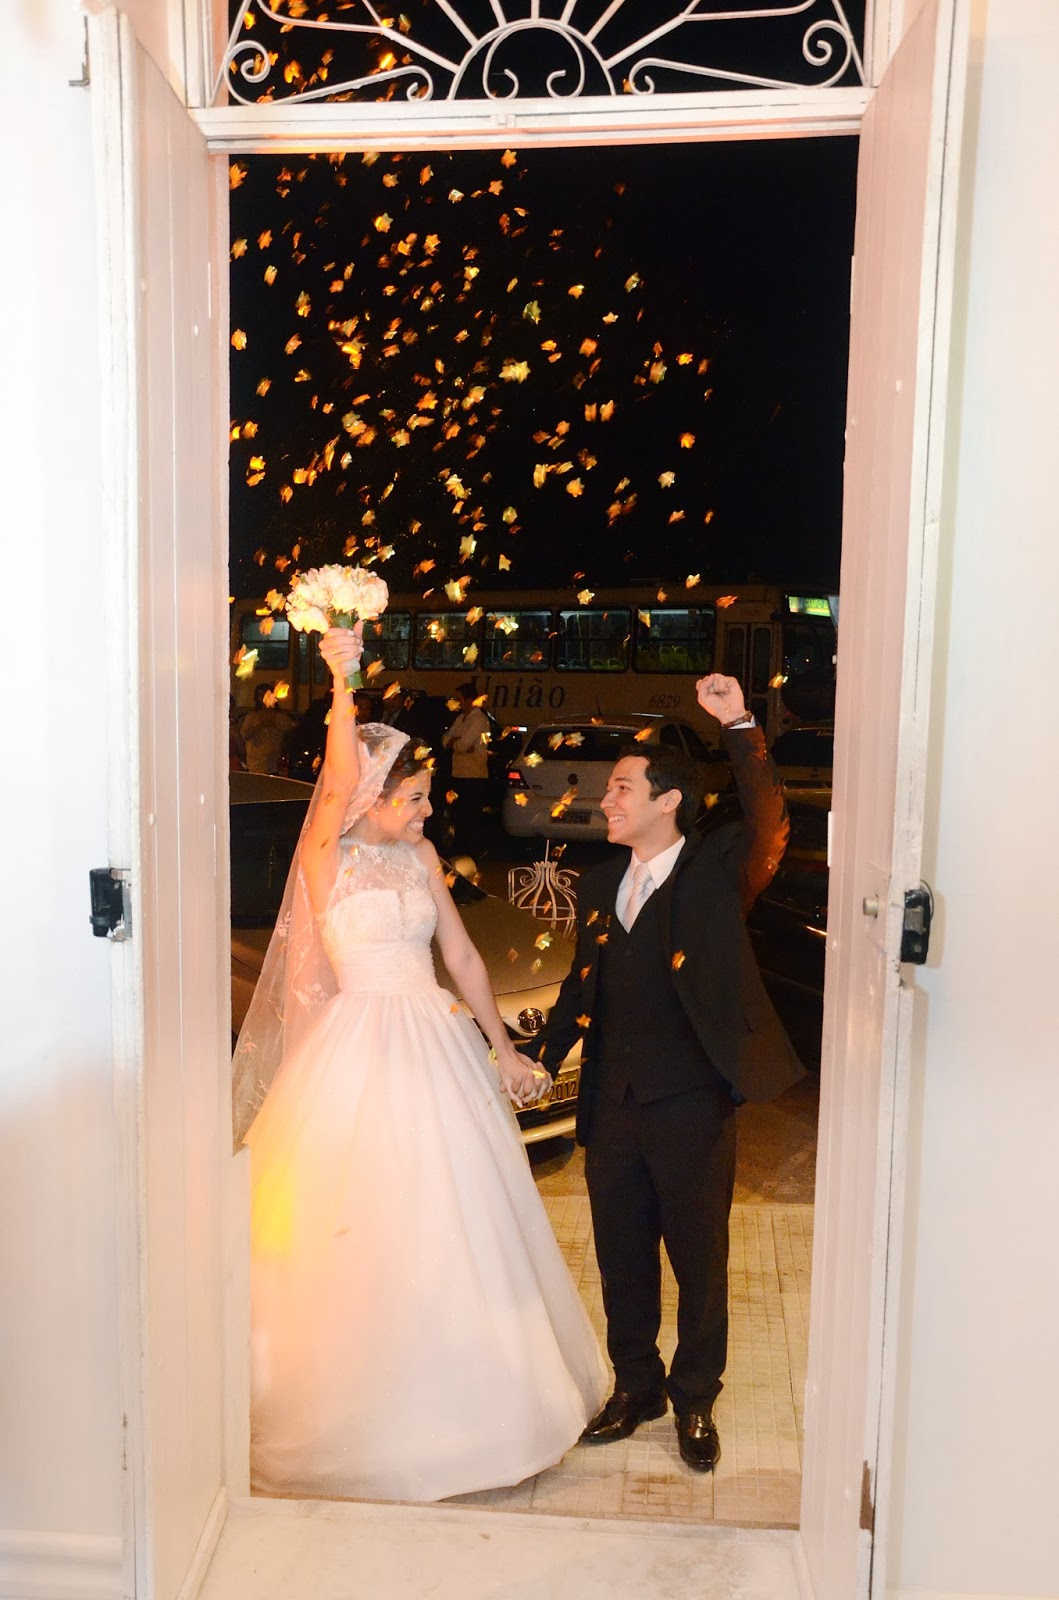 esta - recepção - noivos - entrada dos noivos na festa - chuva de papel